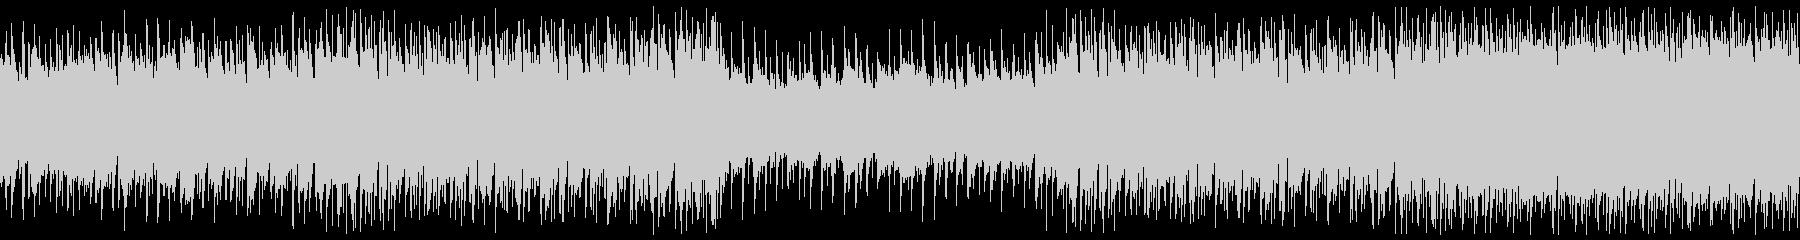 ほのぼのした日常・ウクレレポップ・ループの未再生の波形